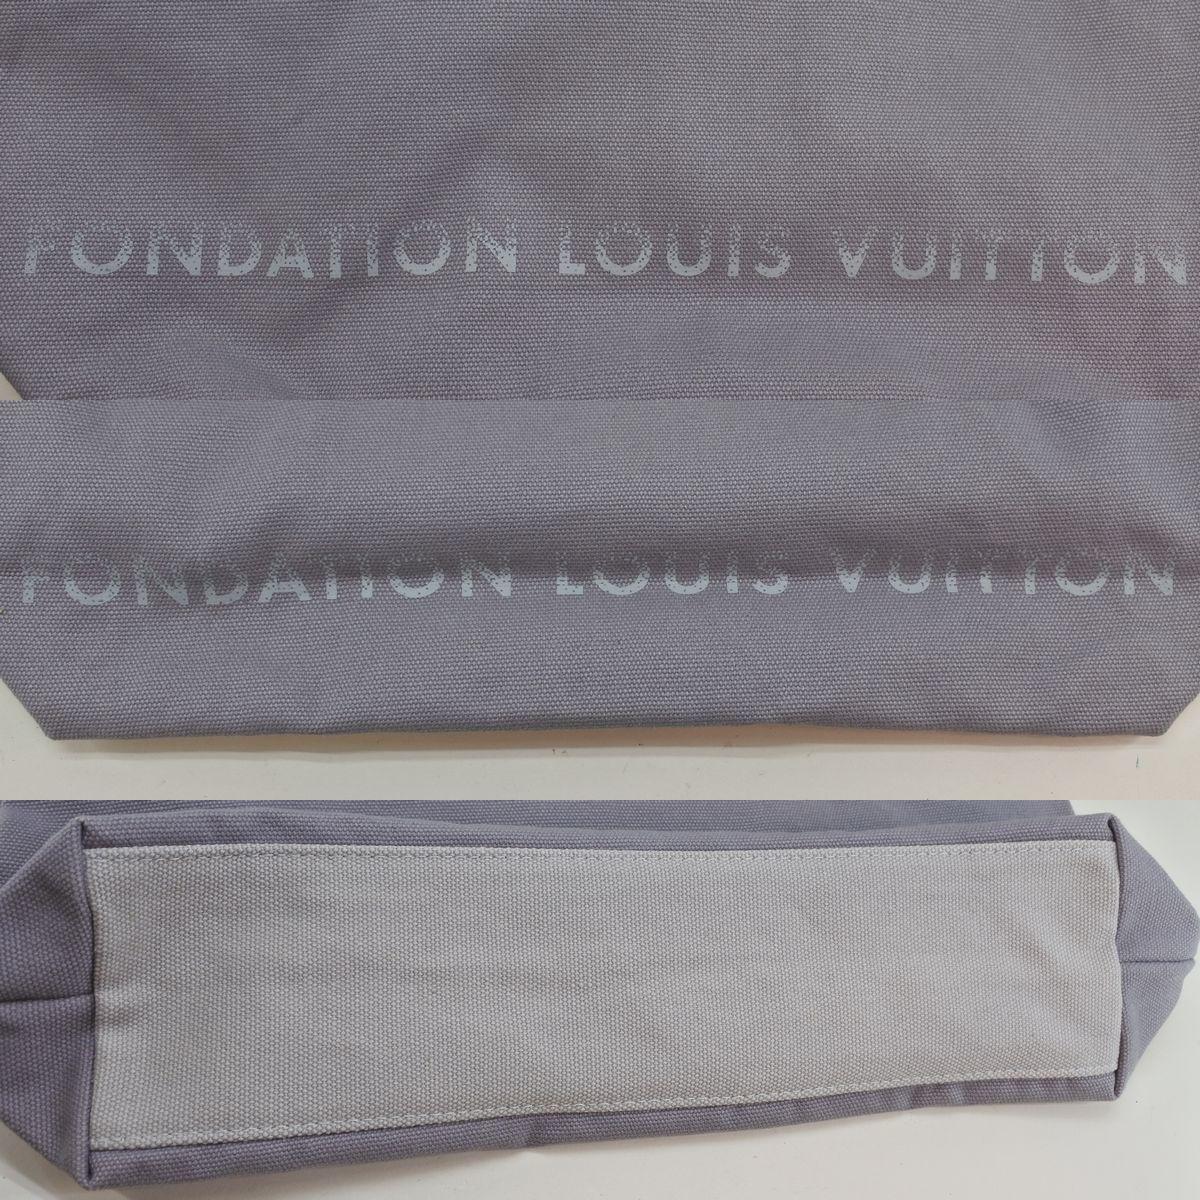 ワケあり fondation LOUIS VUITTON トートバッグ・ポーチ セット トートにシミあり[222921_画像5